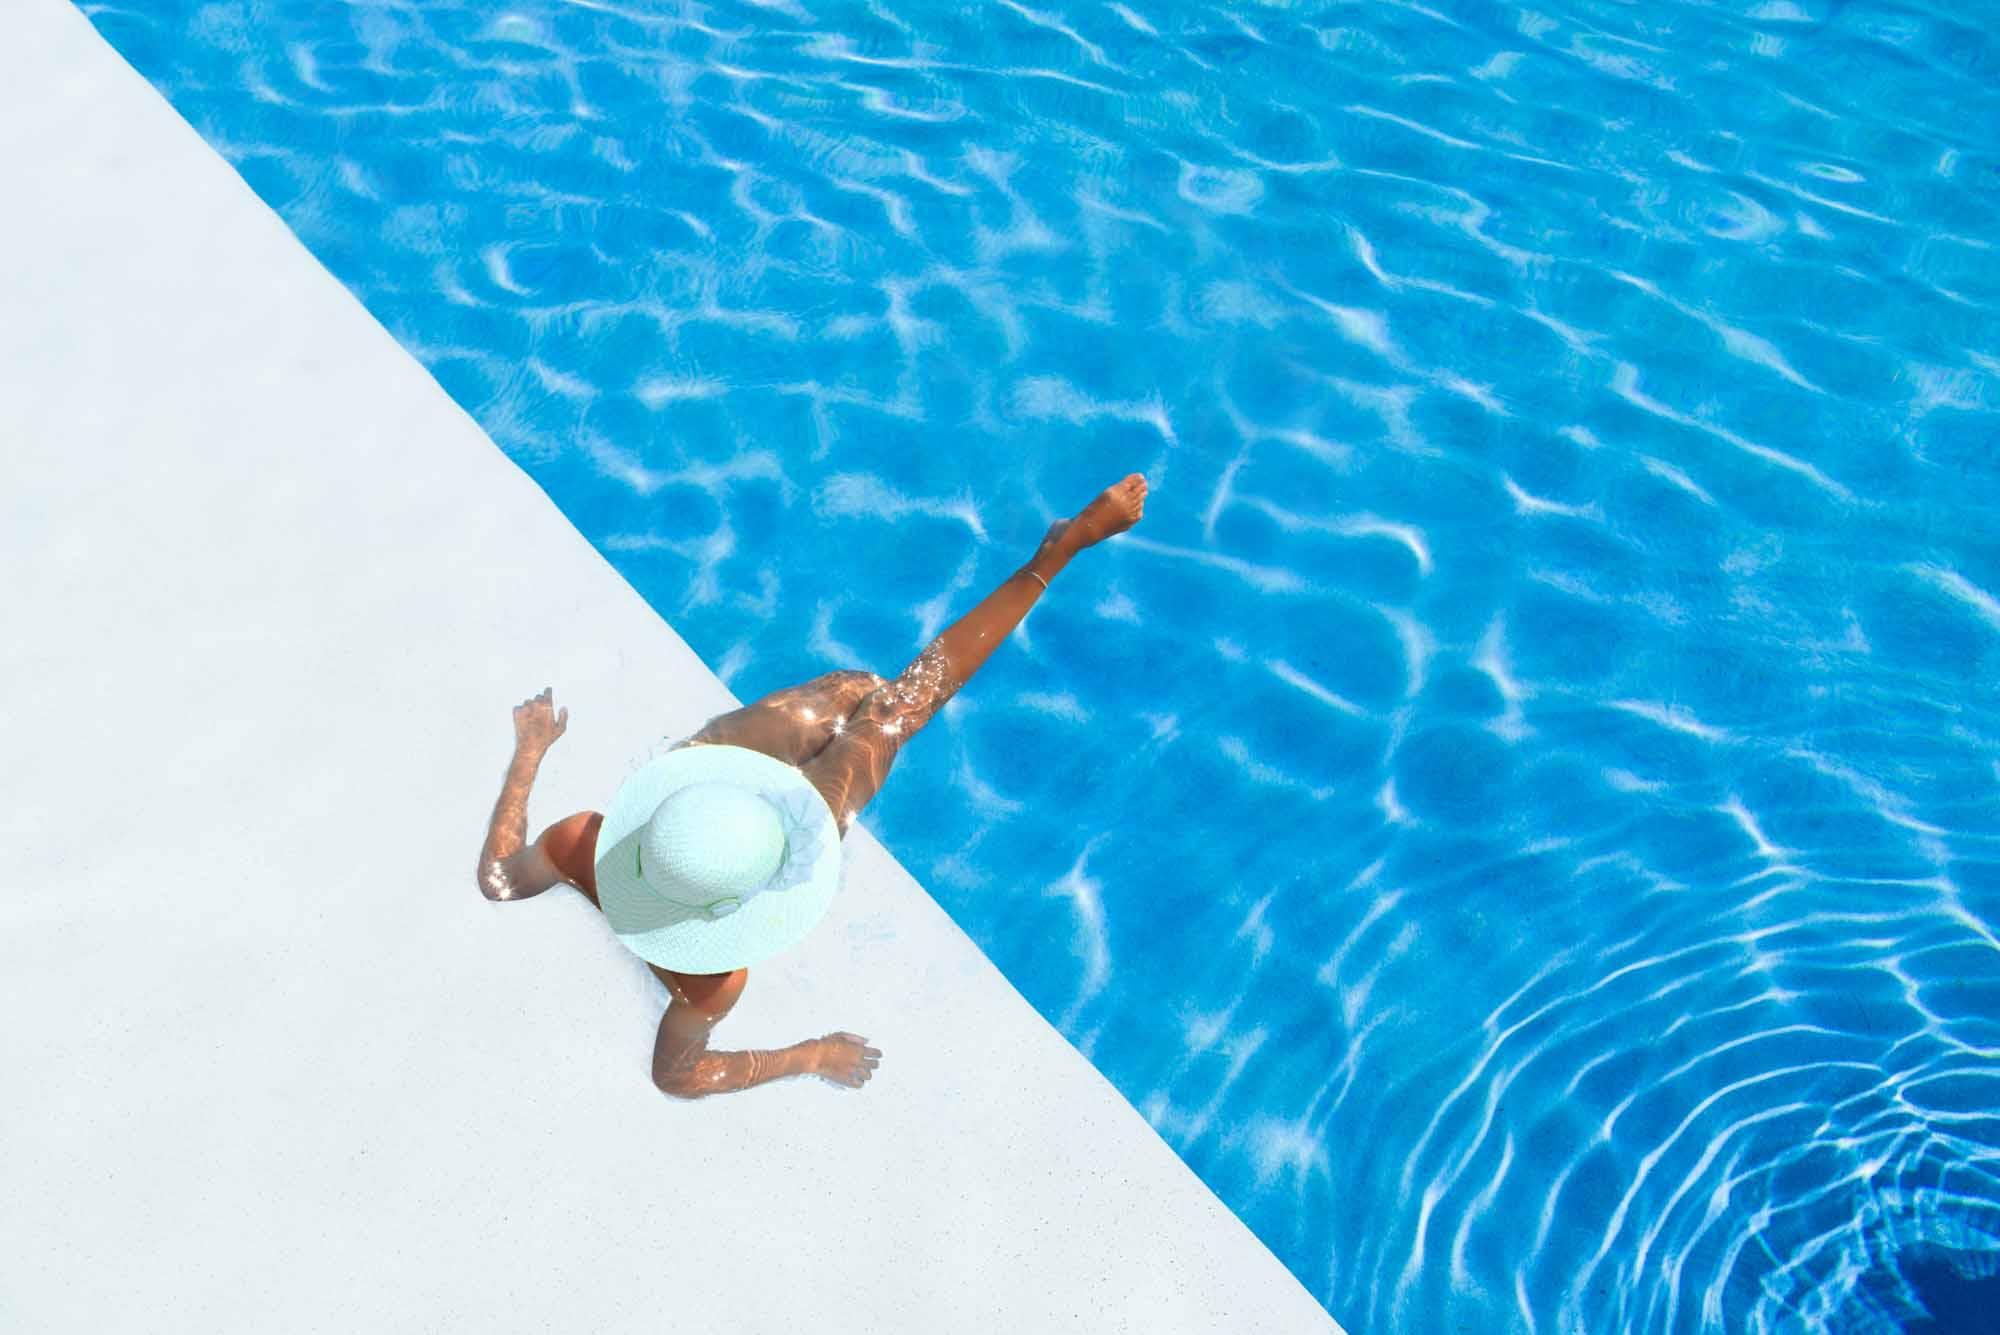 Vendita Piscine A Catania installazione piscine a genova | cattani & zanelli